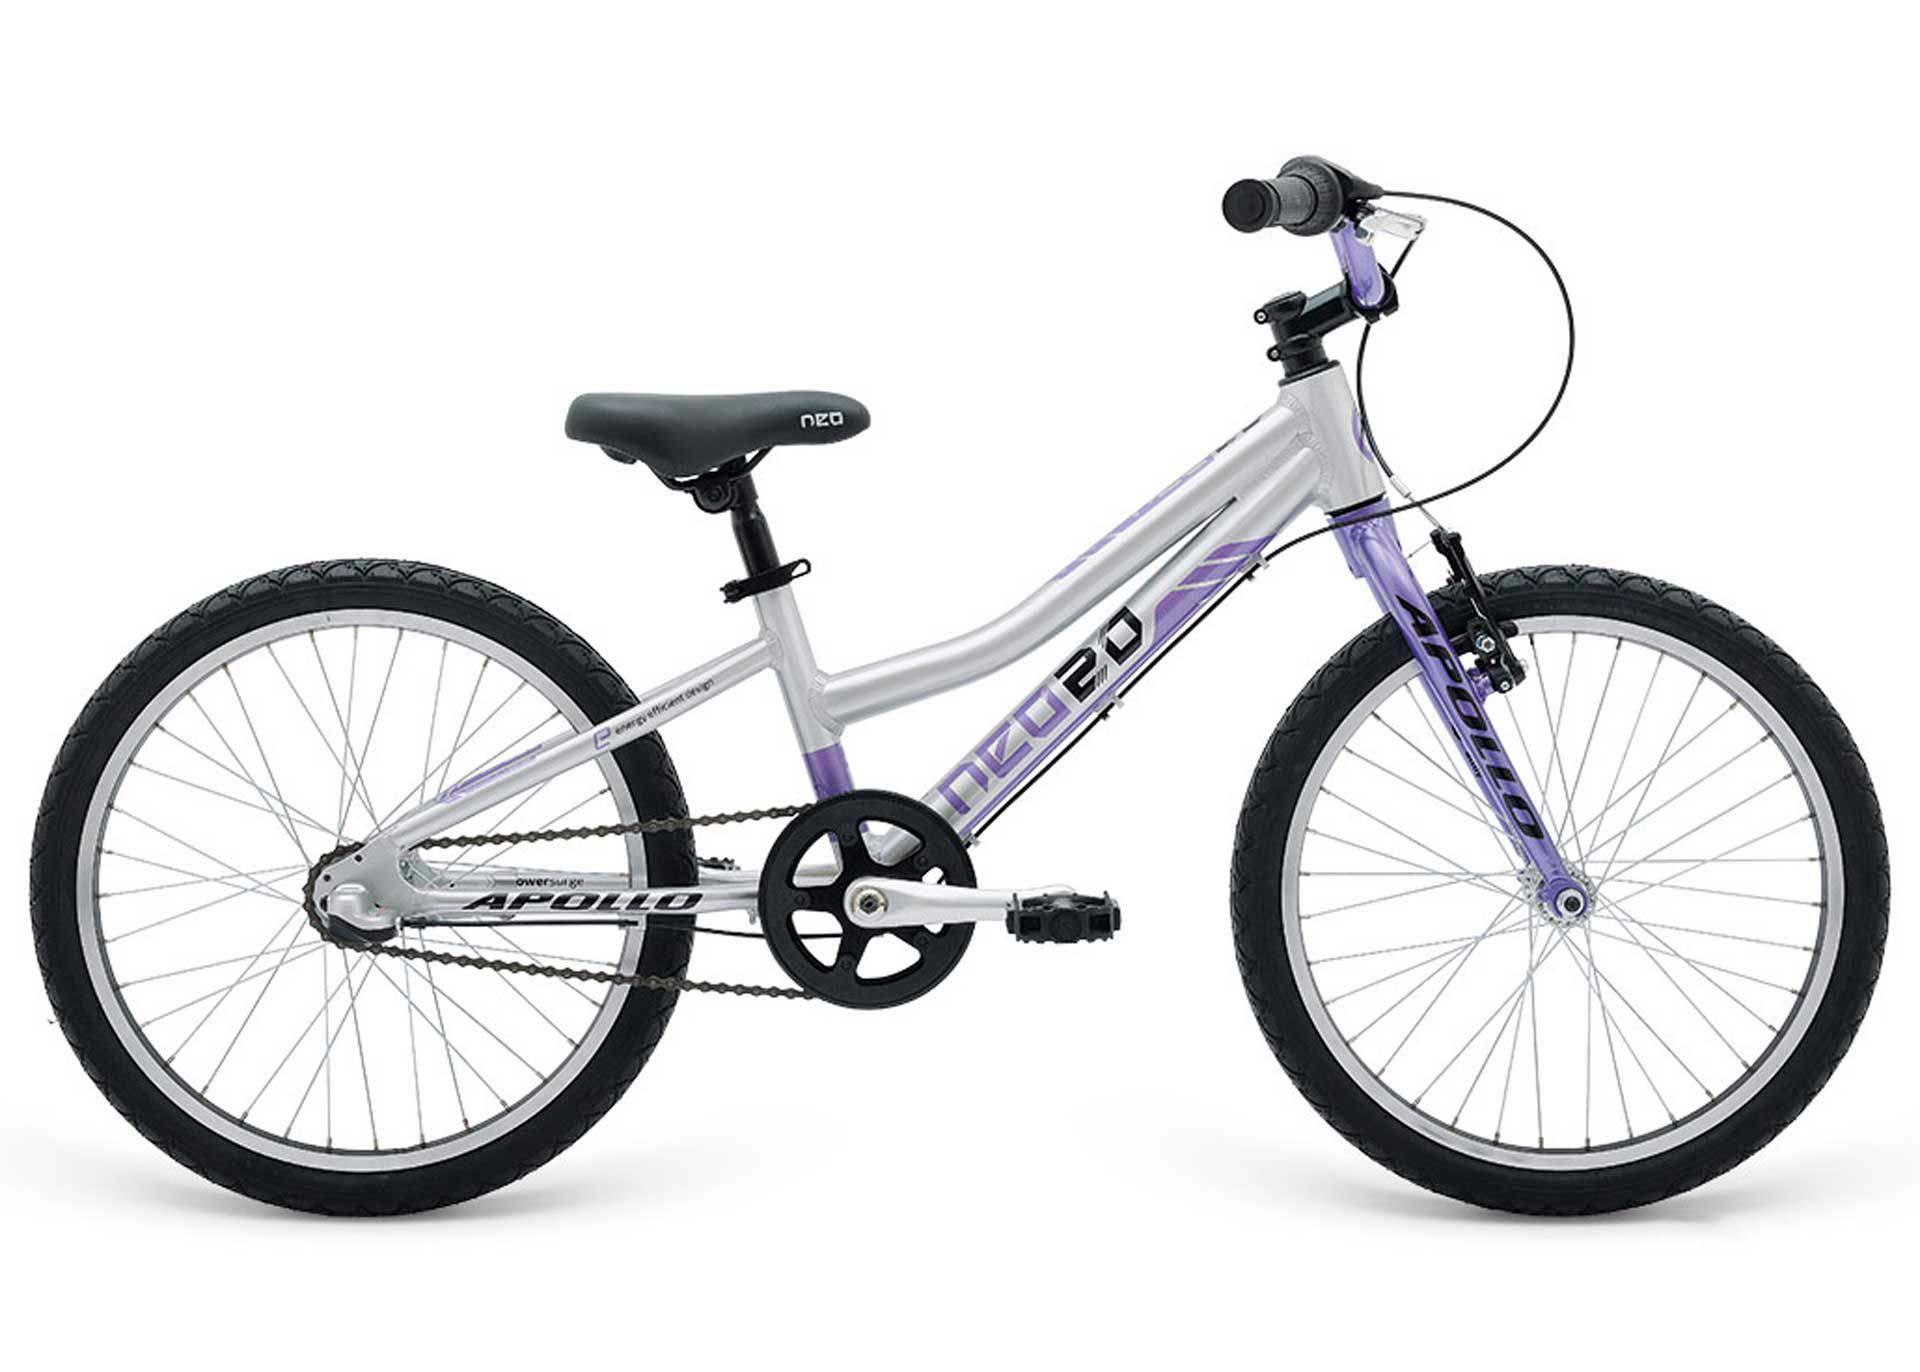 Велосипед 20 Apollo Neo 3i girls фиолетовый/черный 2019